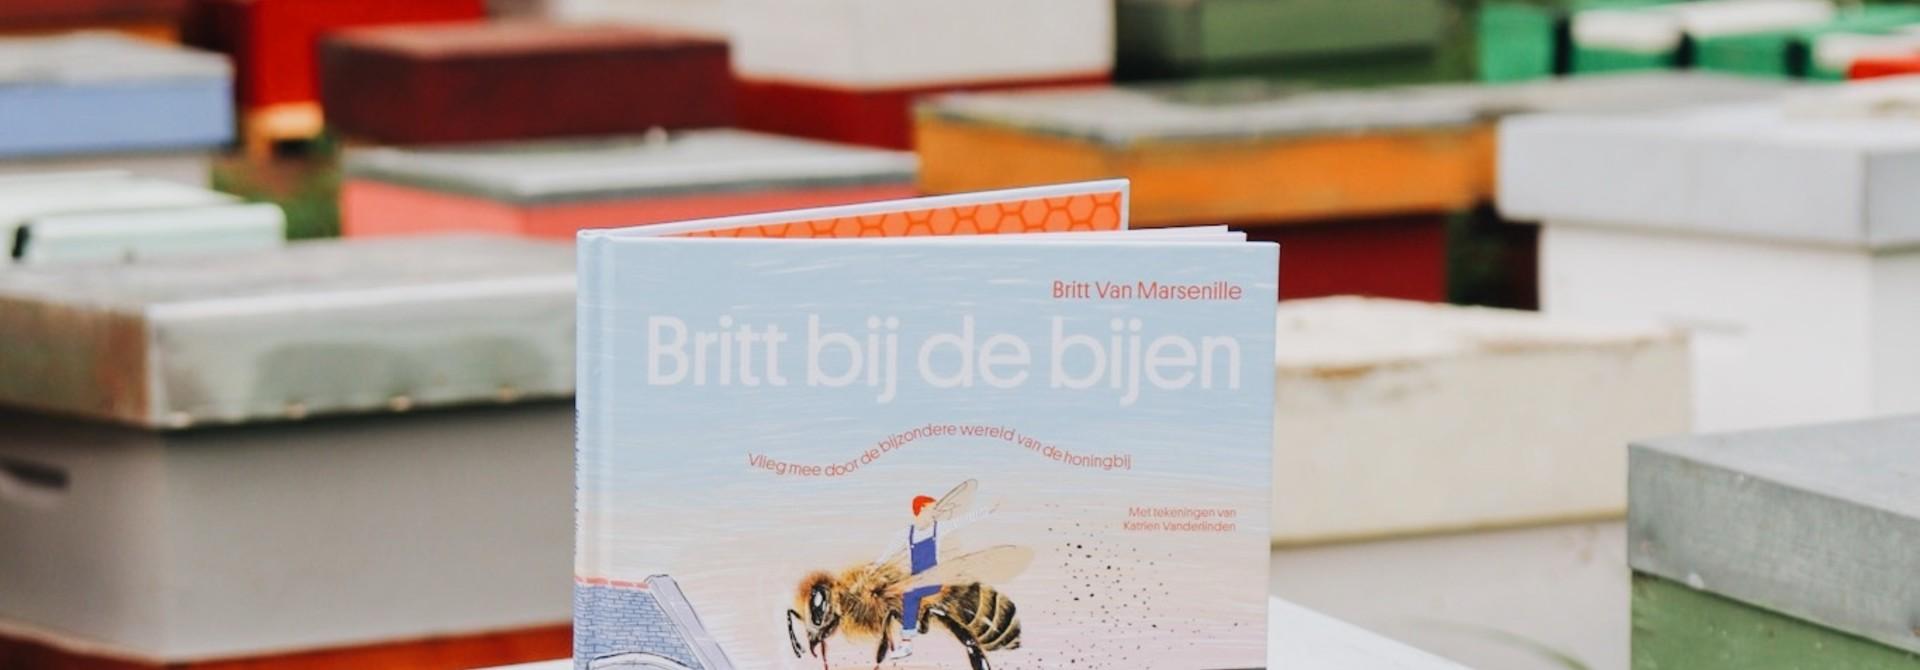 Kinderboek britt bij de bijen